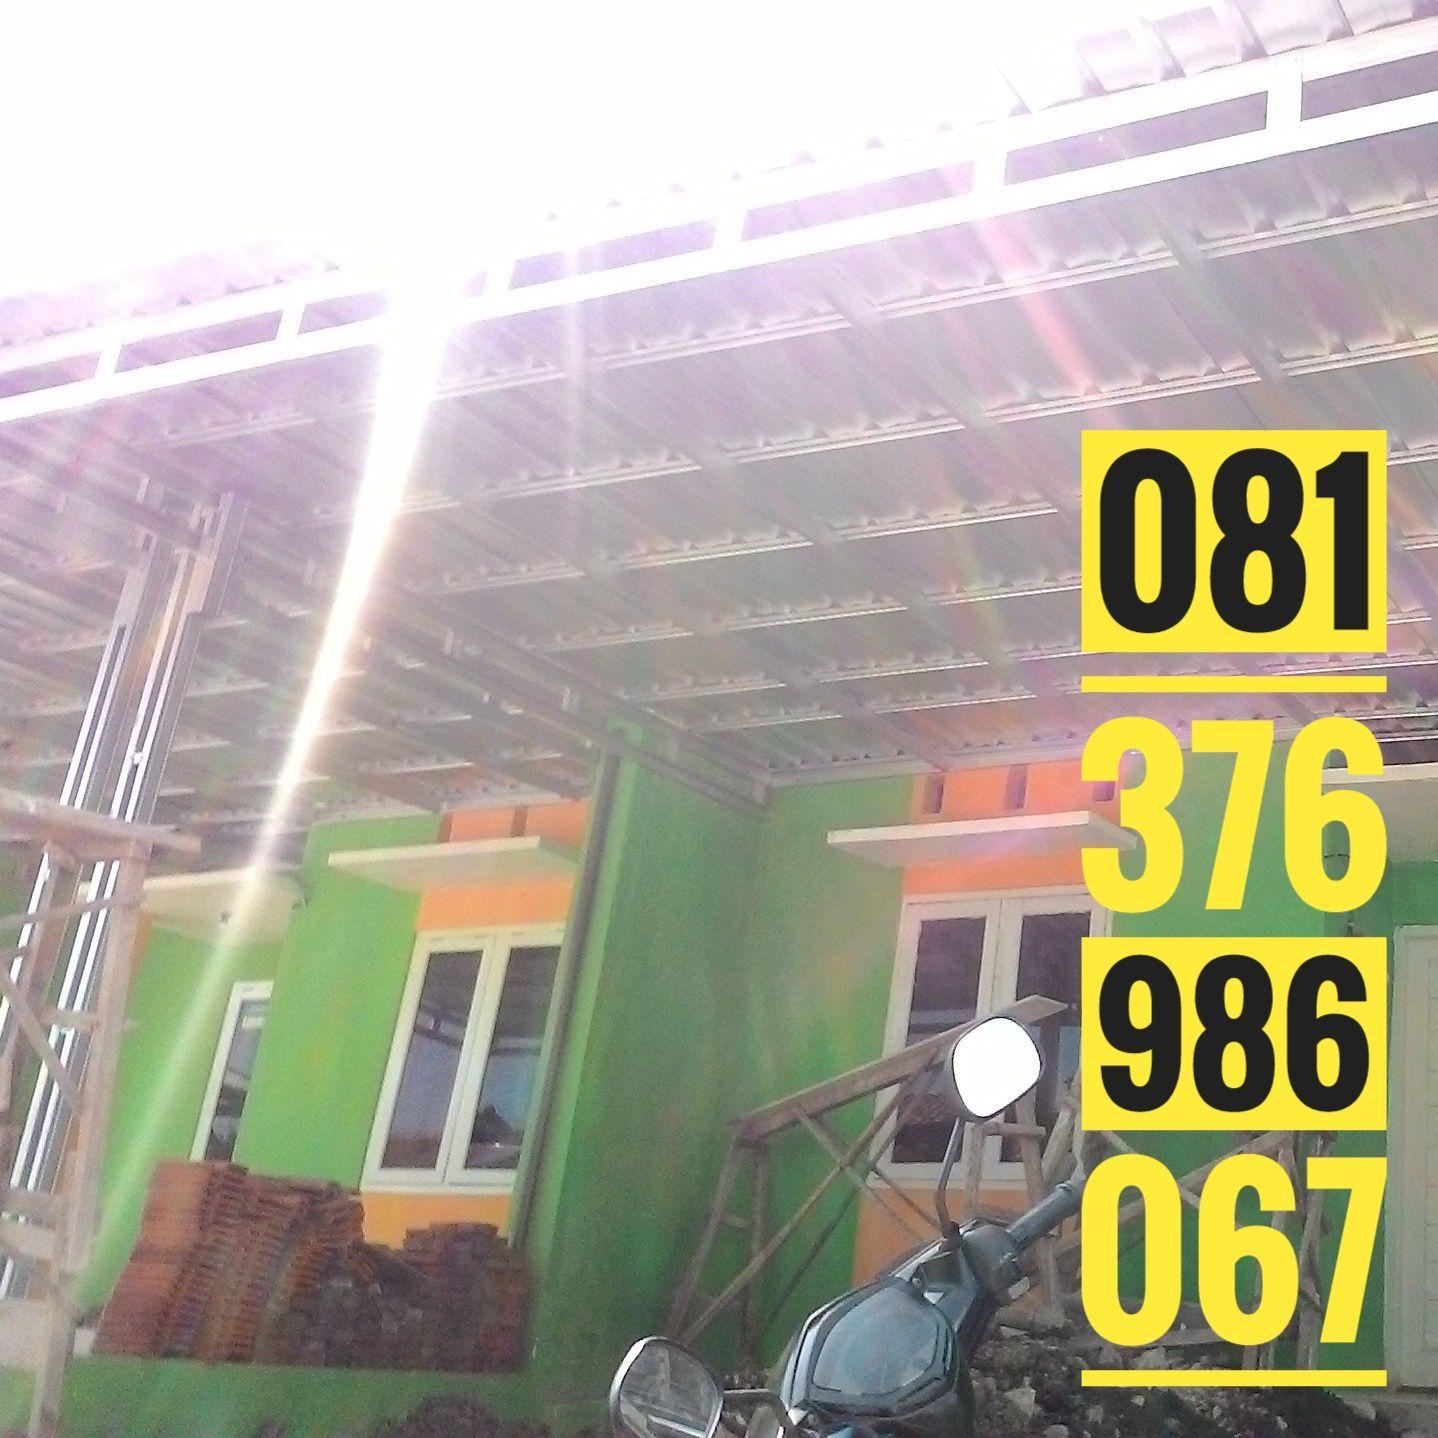 081 376 986 067 Atap 125rb Kanopi 185rb Multiroof Pasir 195rb Teralis 250rb Pagar 250 Rb Minimalis Melayani Purworejo Harga Baja